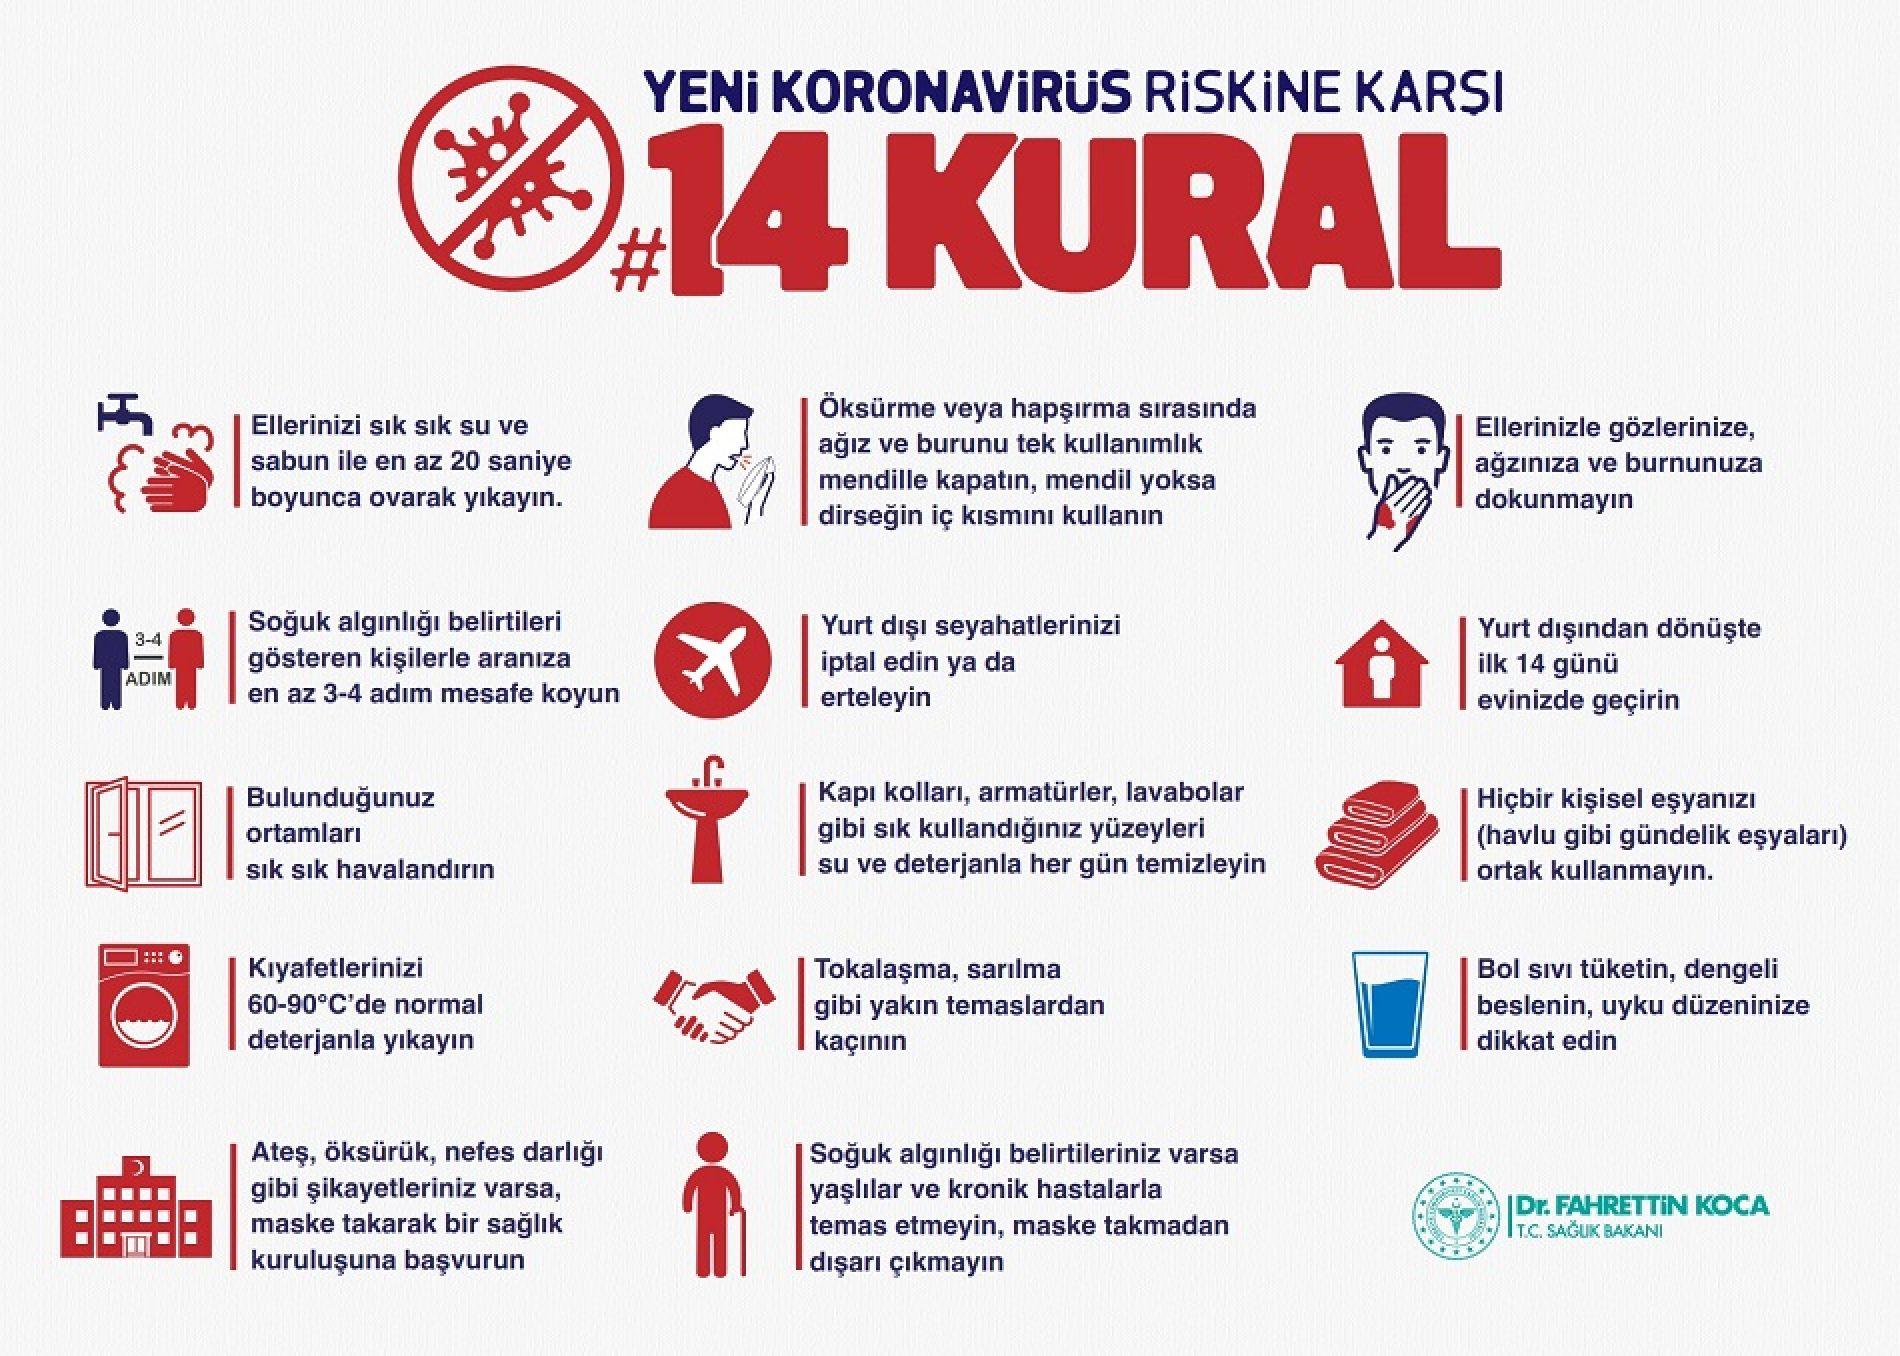 Yeni Koronavirüs (Covid-19) Hakkında Bilgilendirme